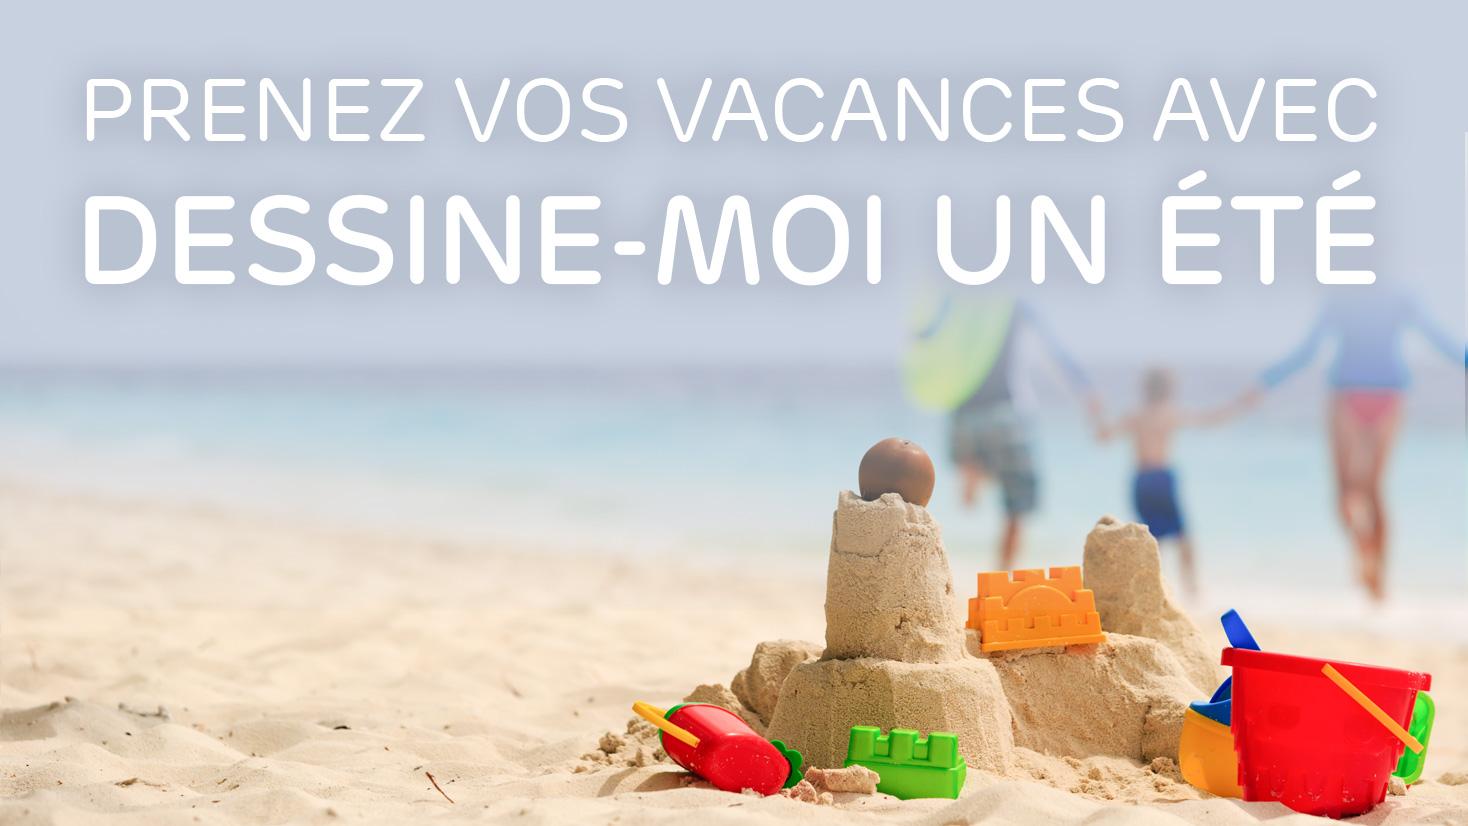 Prenez vos vacances avec Dessine-moi un été